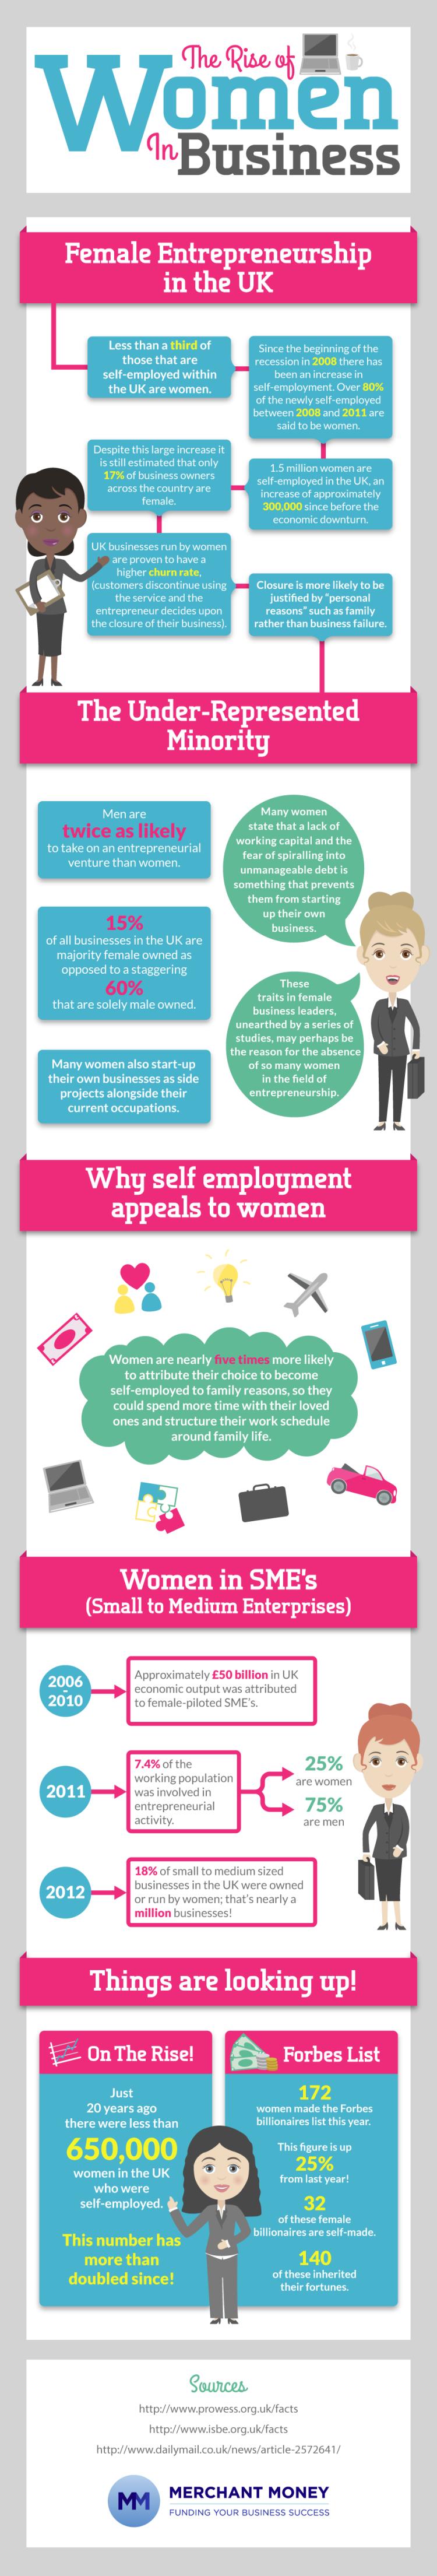 women entrepreneurs in the uk